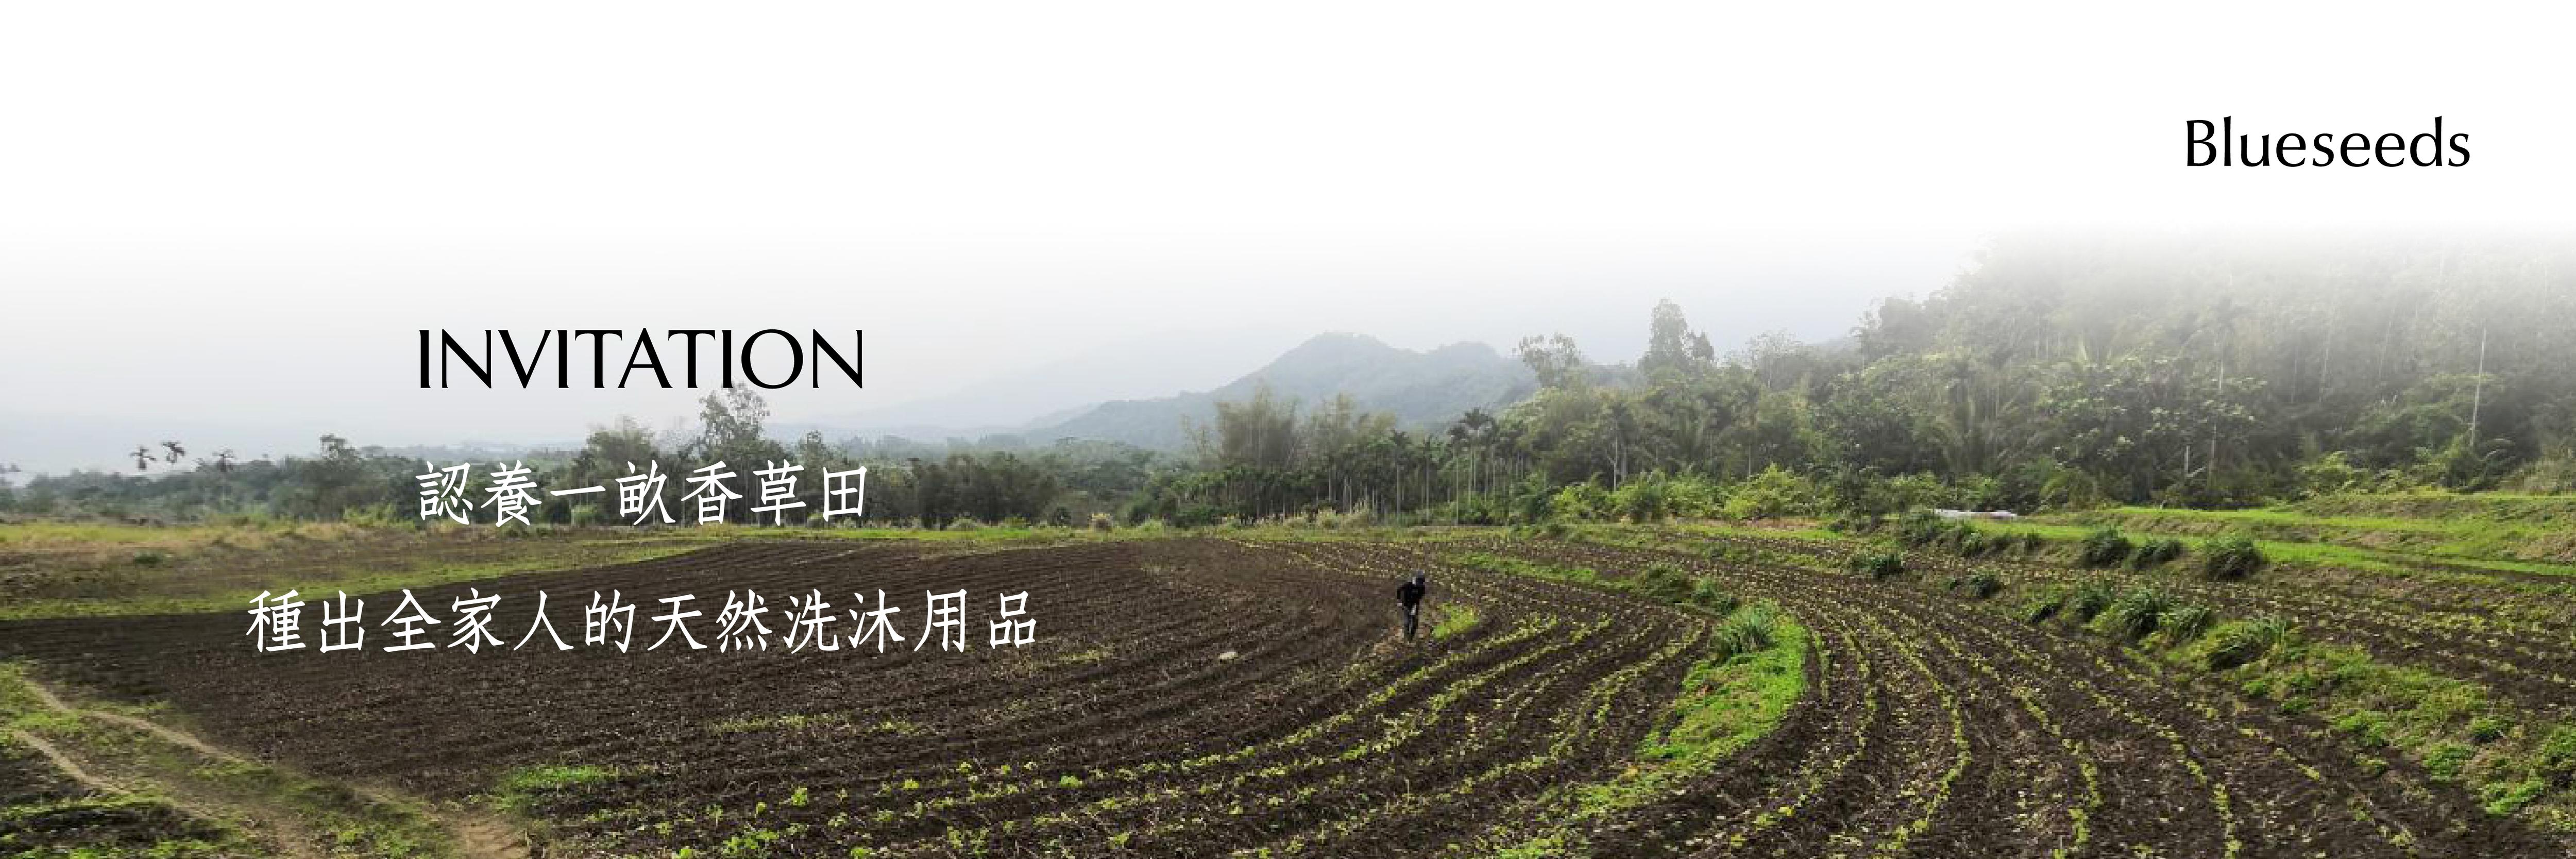 認養一畝香草田